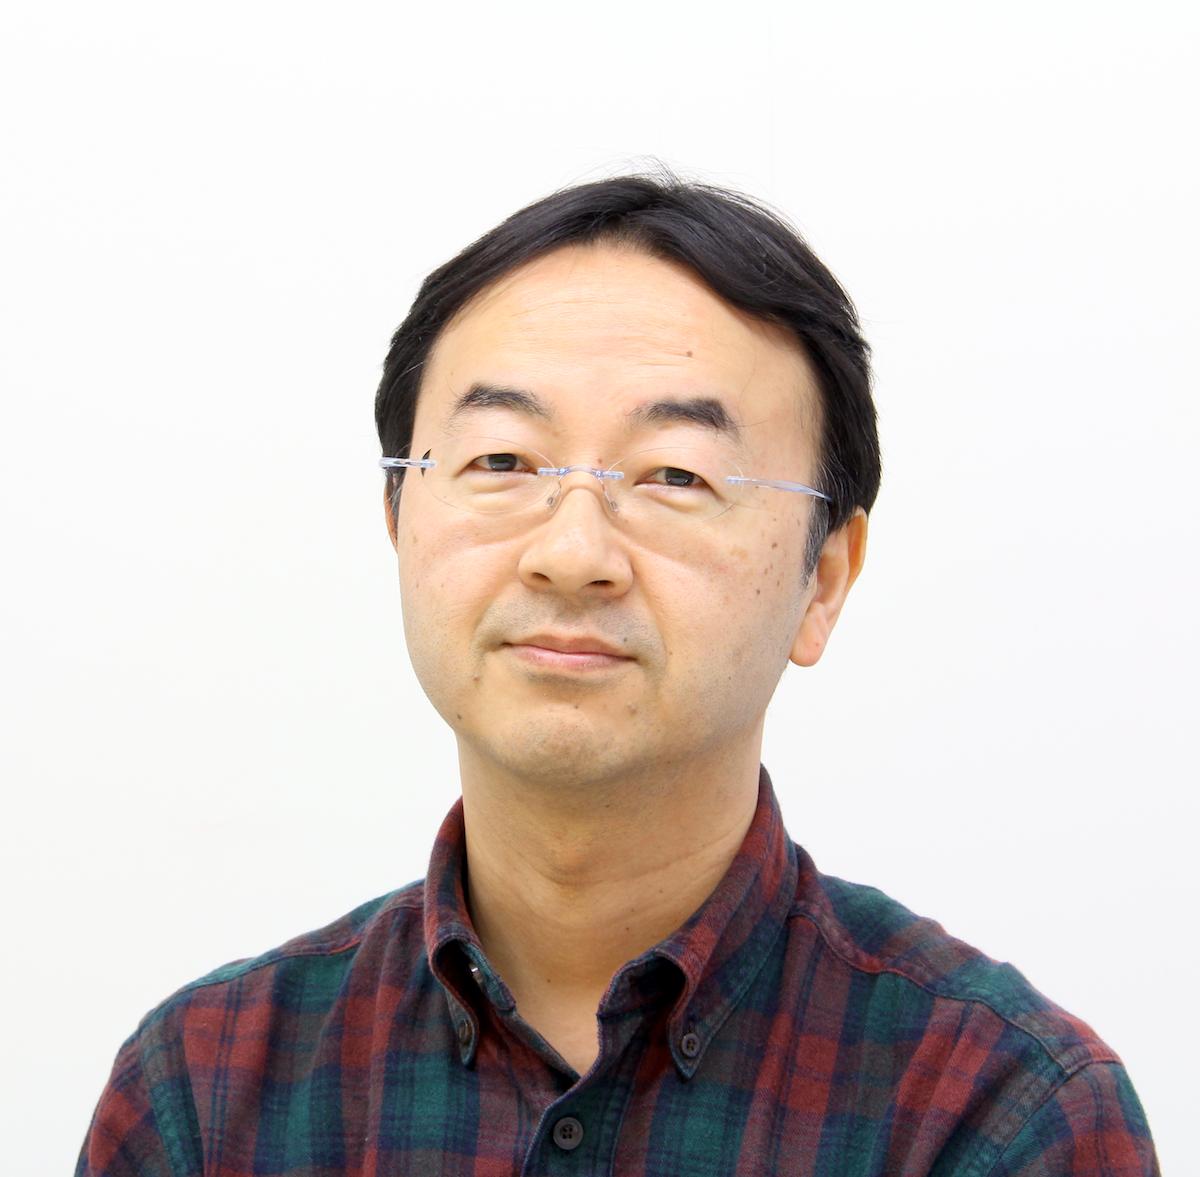 吉橋昭夫氏 多摩美術大学情報デザイン学科准教授